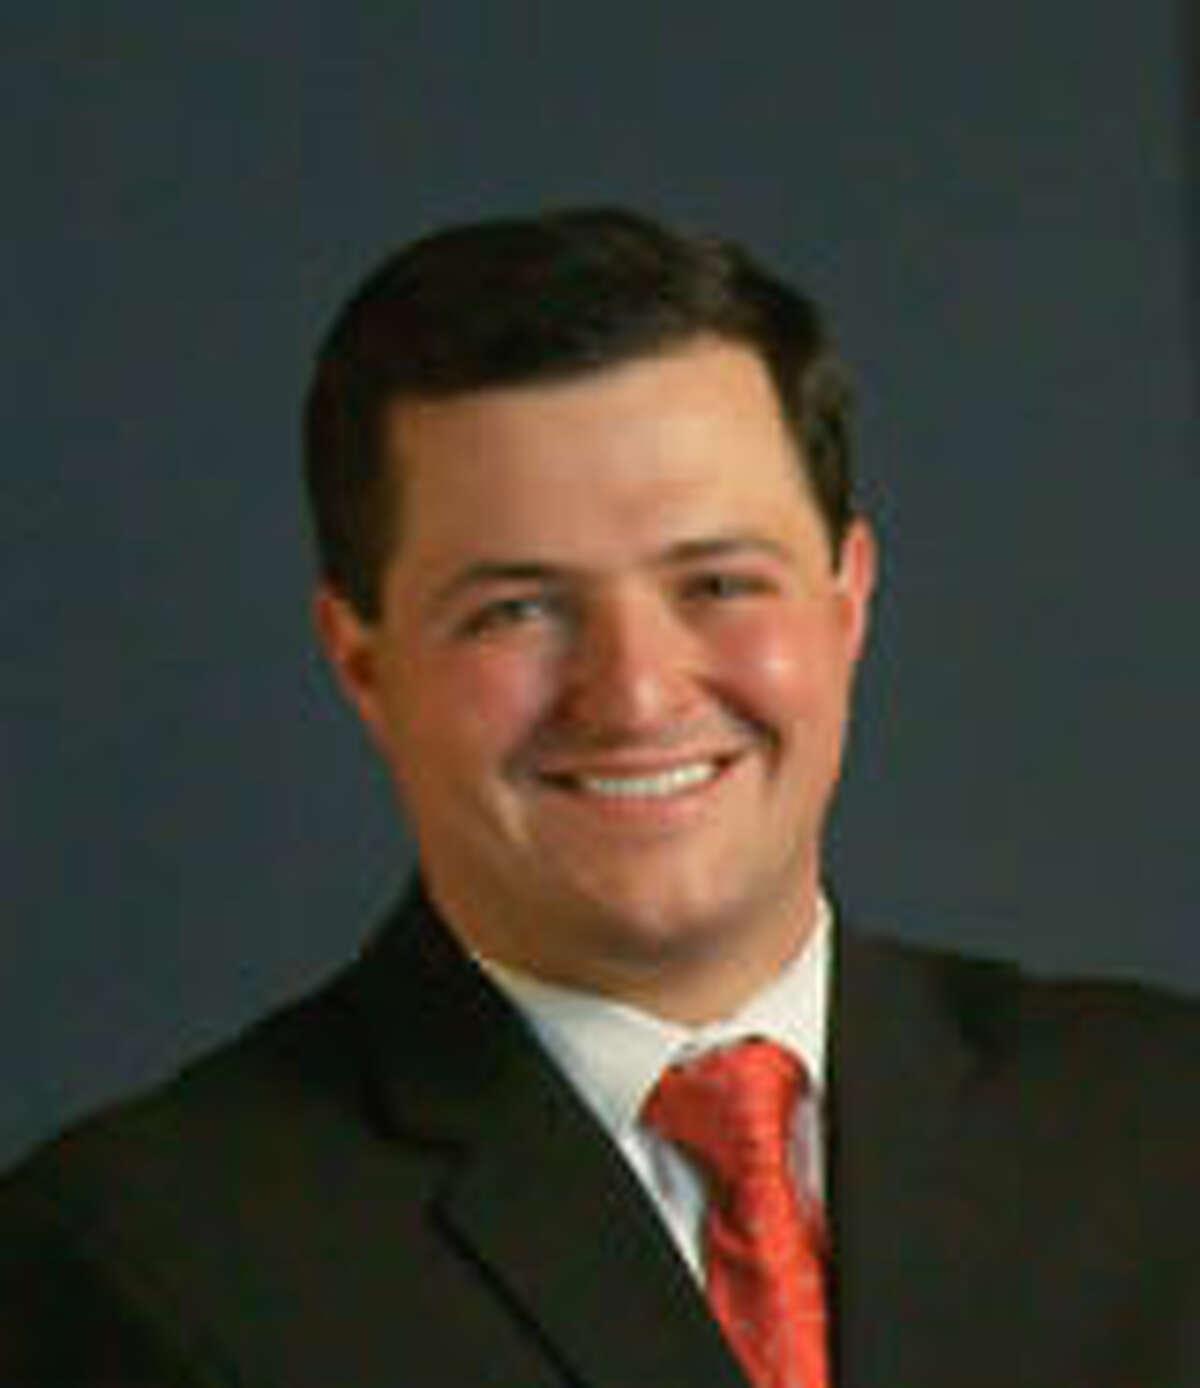 First Selectman Tim Herbst